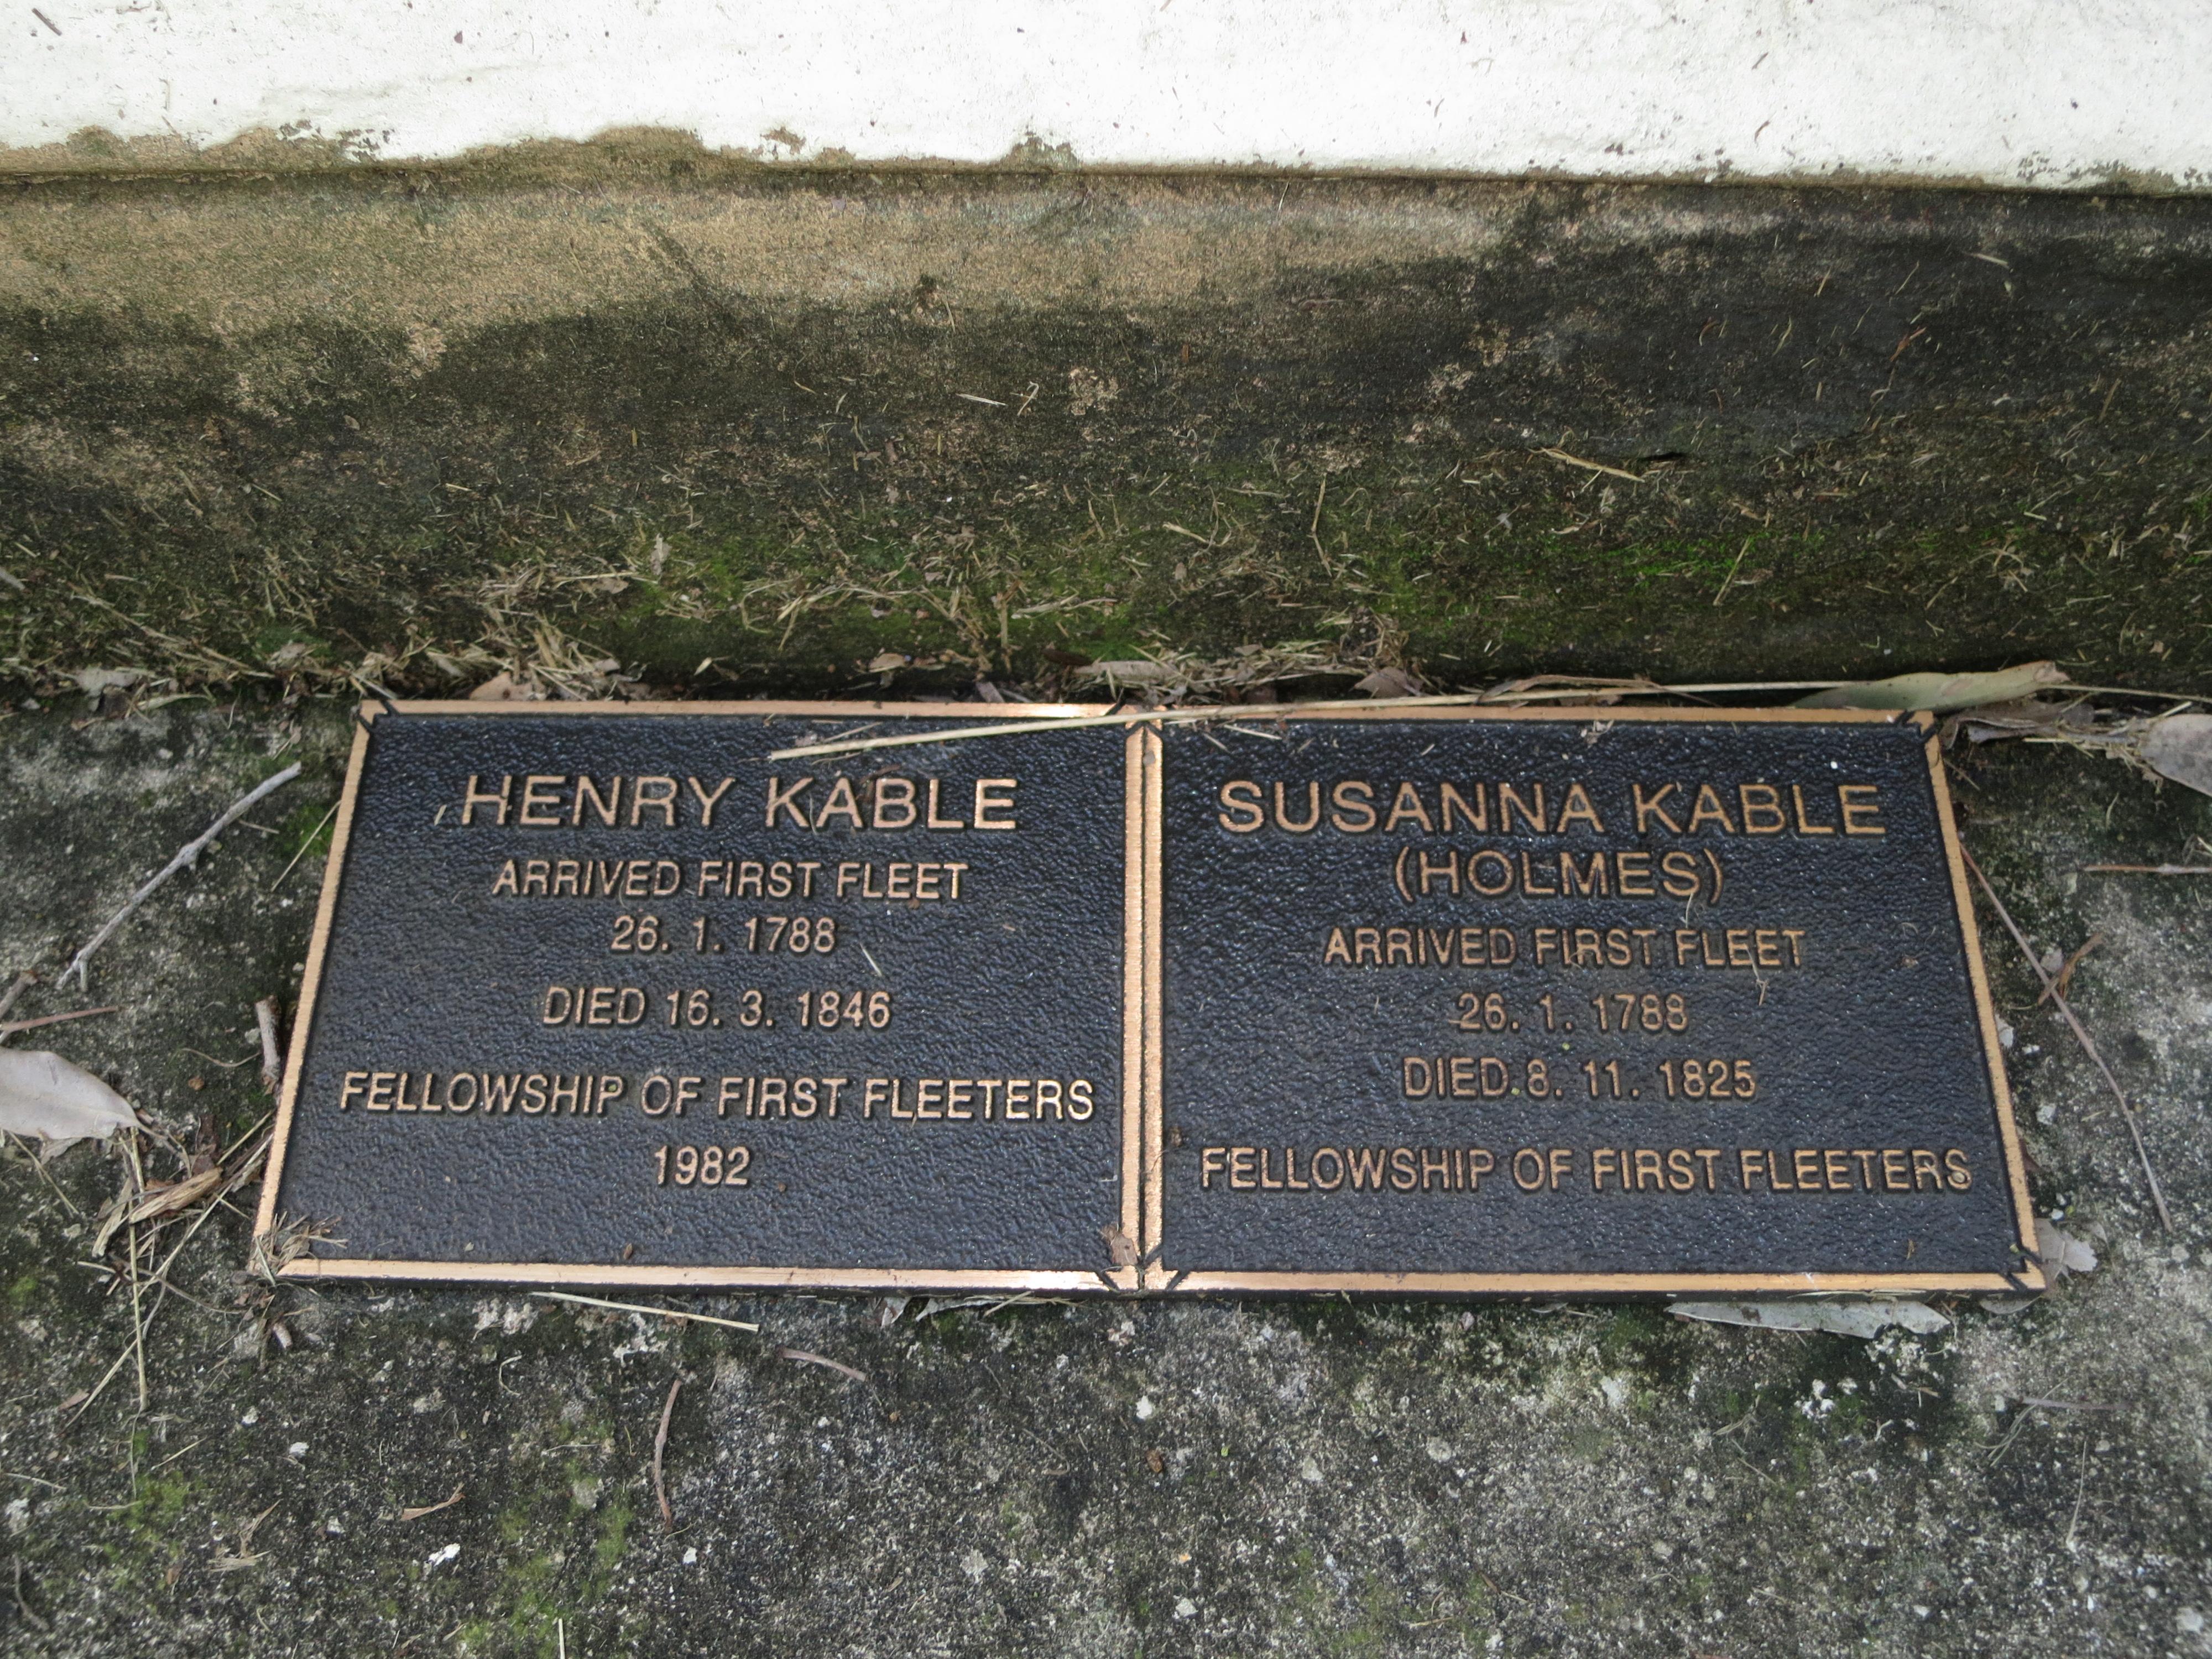 Kable Row Names